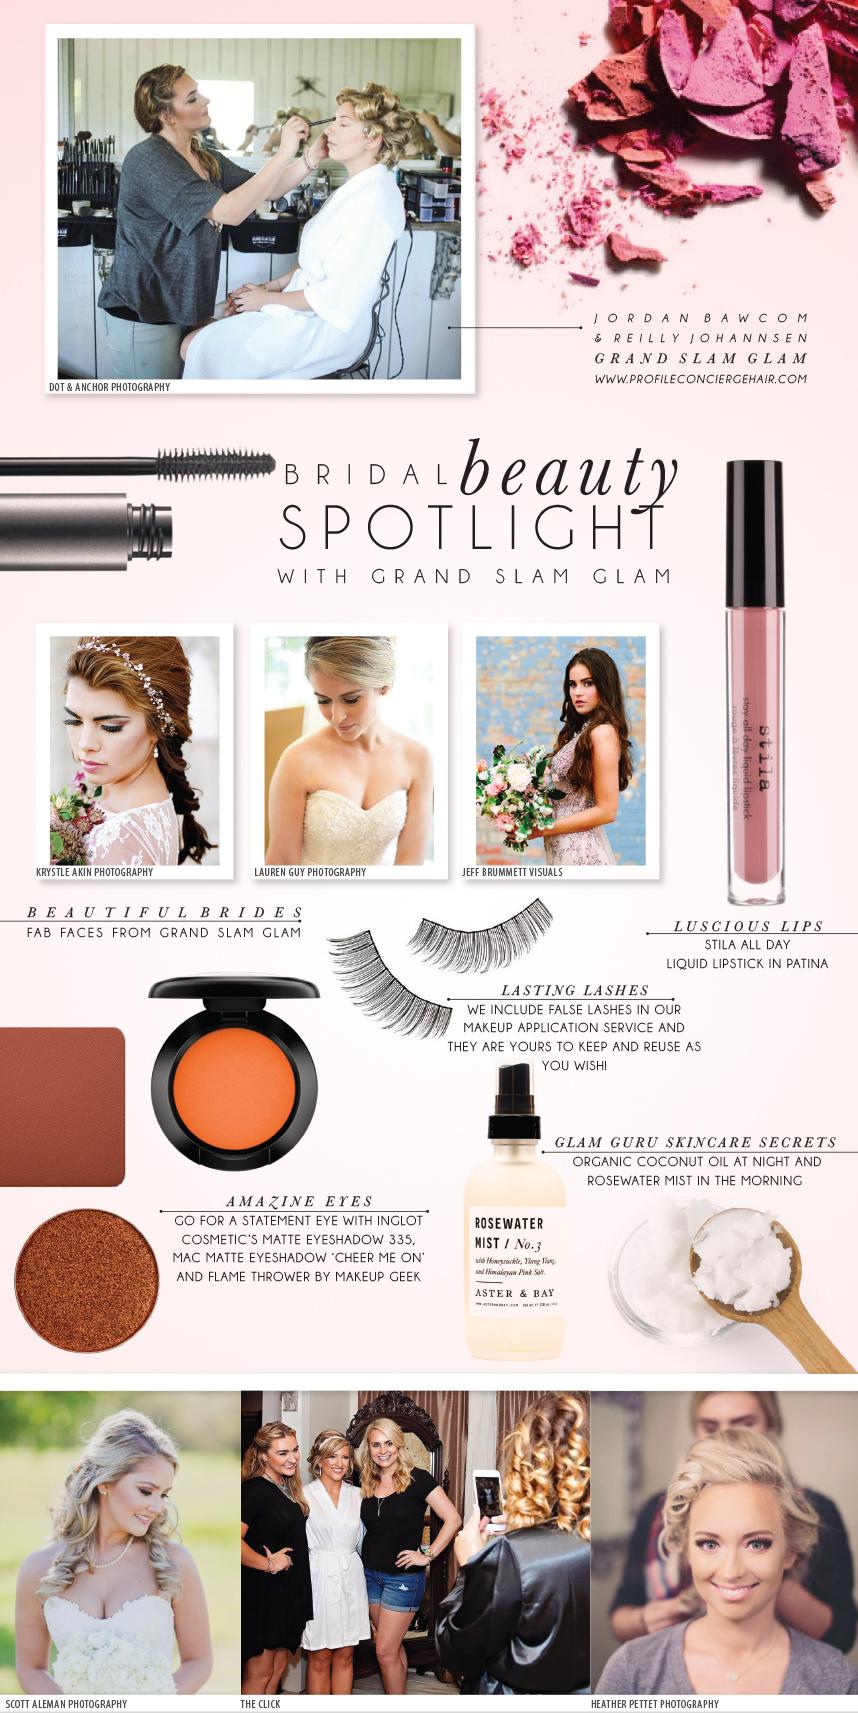 grandslamglam_beautyspotlight_blog